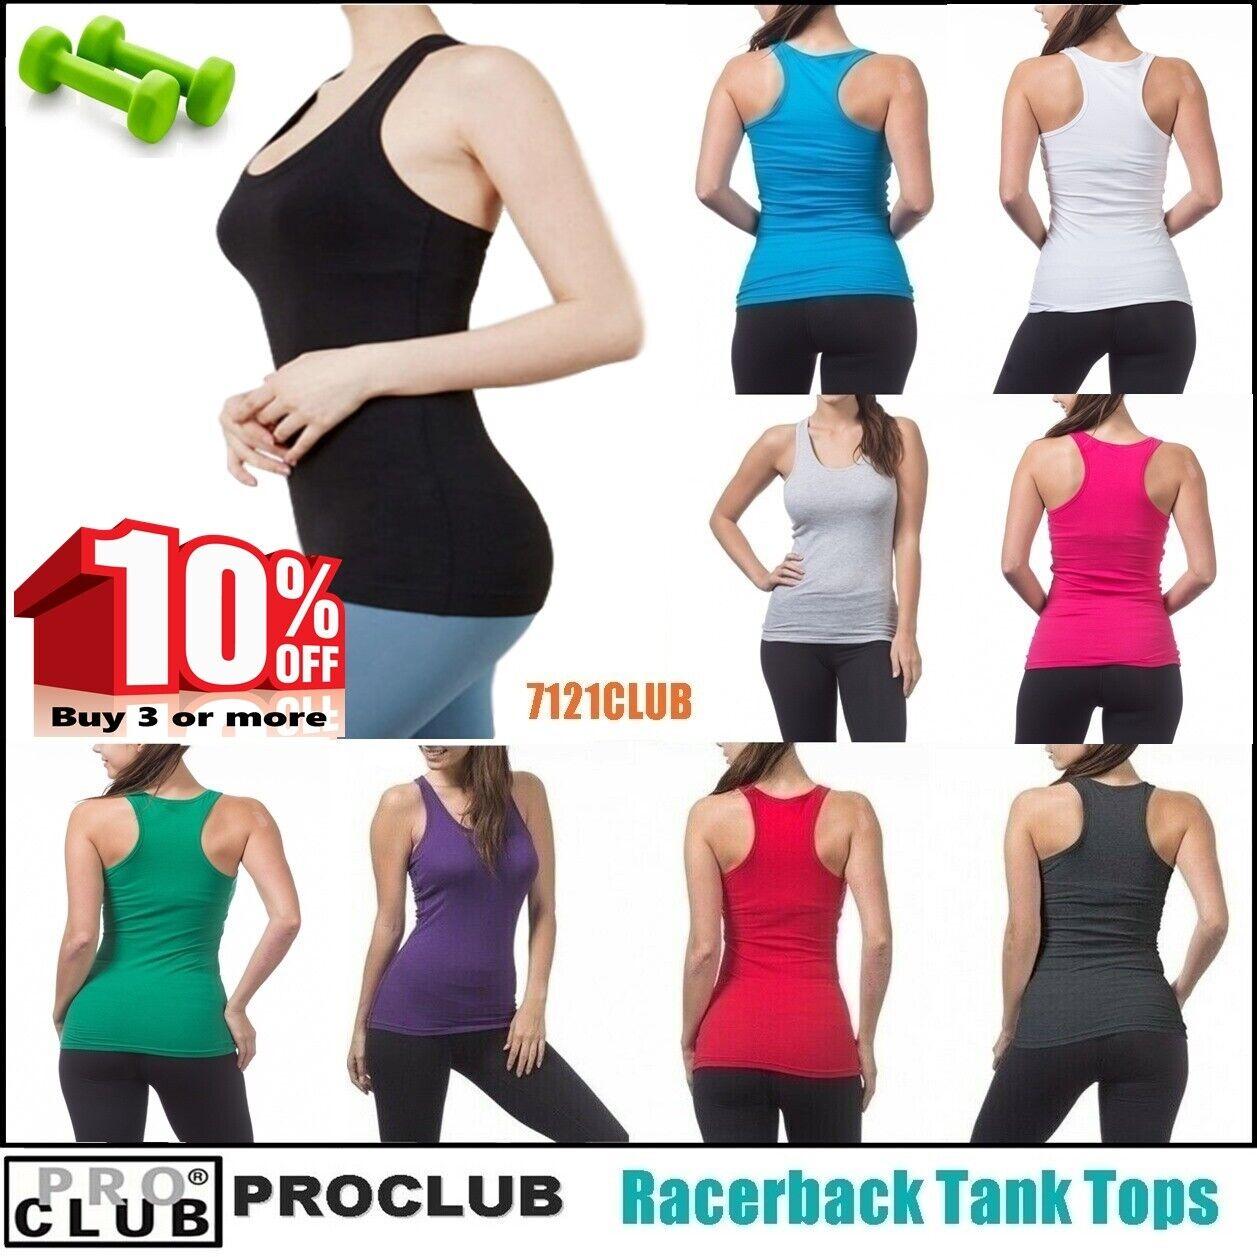 WOMENS Racerback Tank Tops Sleeveless PROCLUB Workout Gym Yo